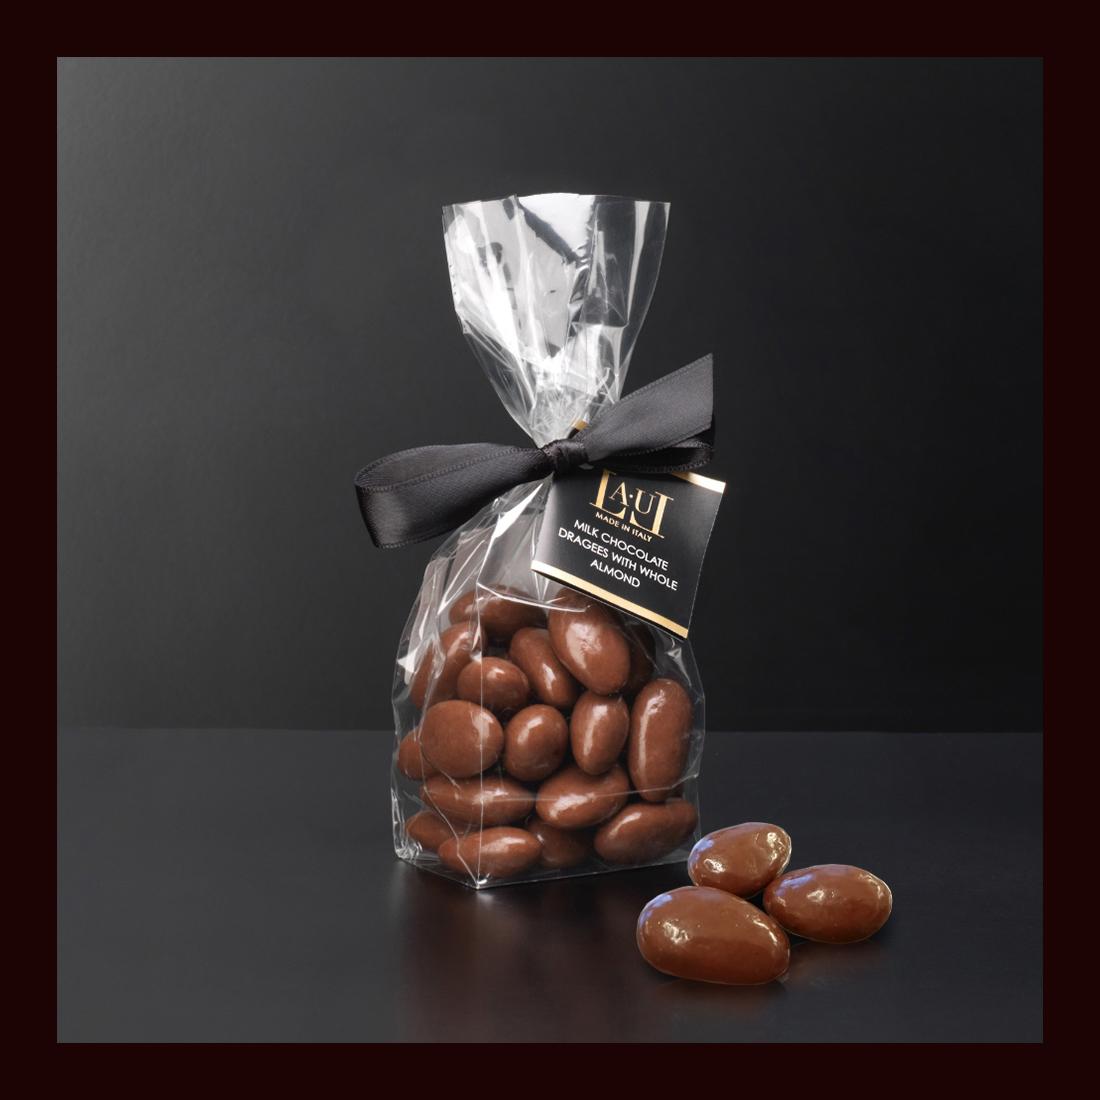 Dragées di cioccolato al latte con mandorla intera